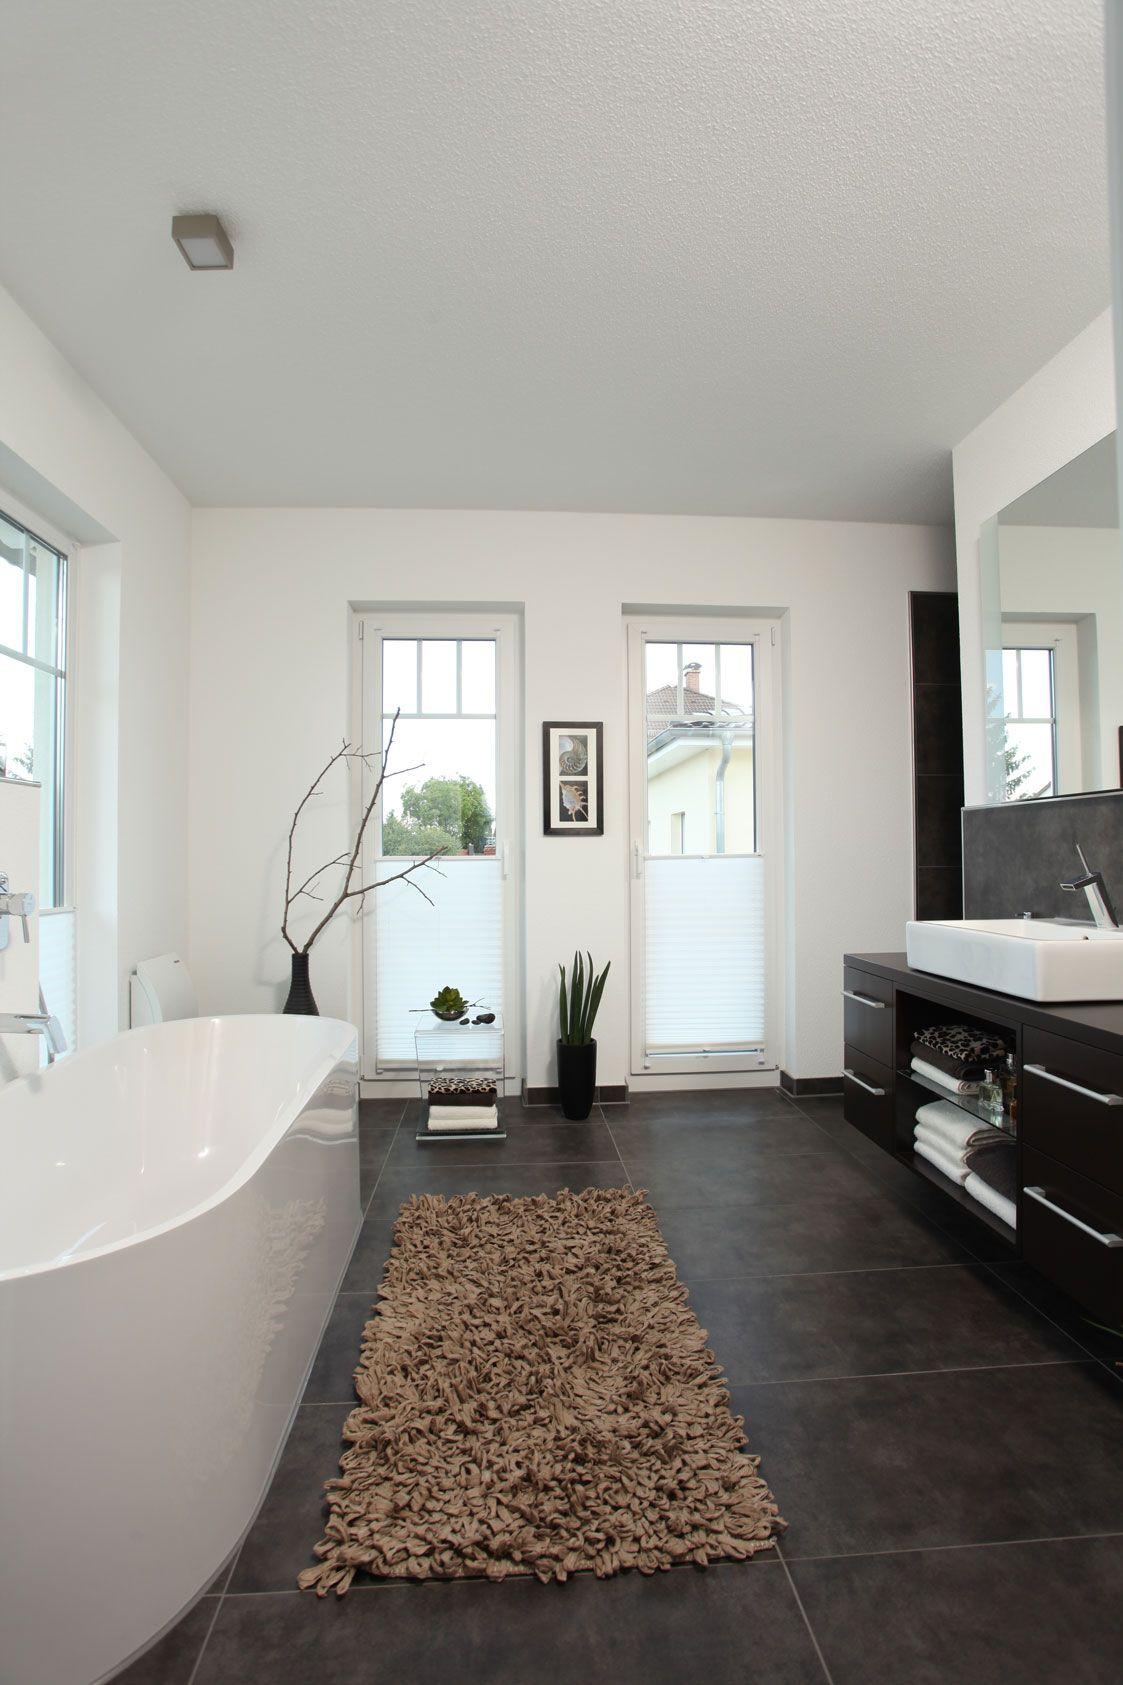 Badezimmer Mit Freistehender Badewanne Badezimmer Design Badezimmer Modernes Badezimmerdesign